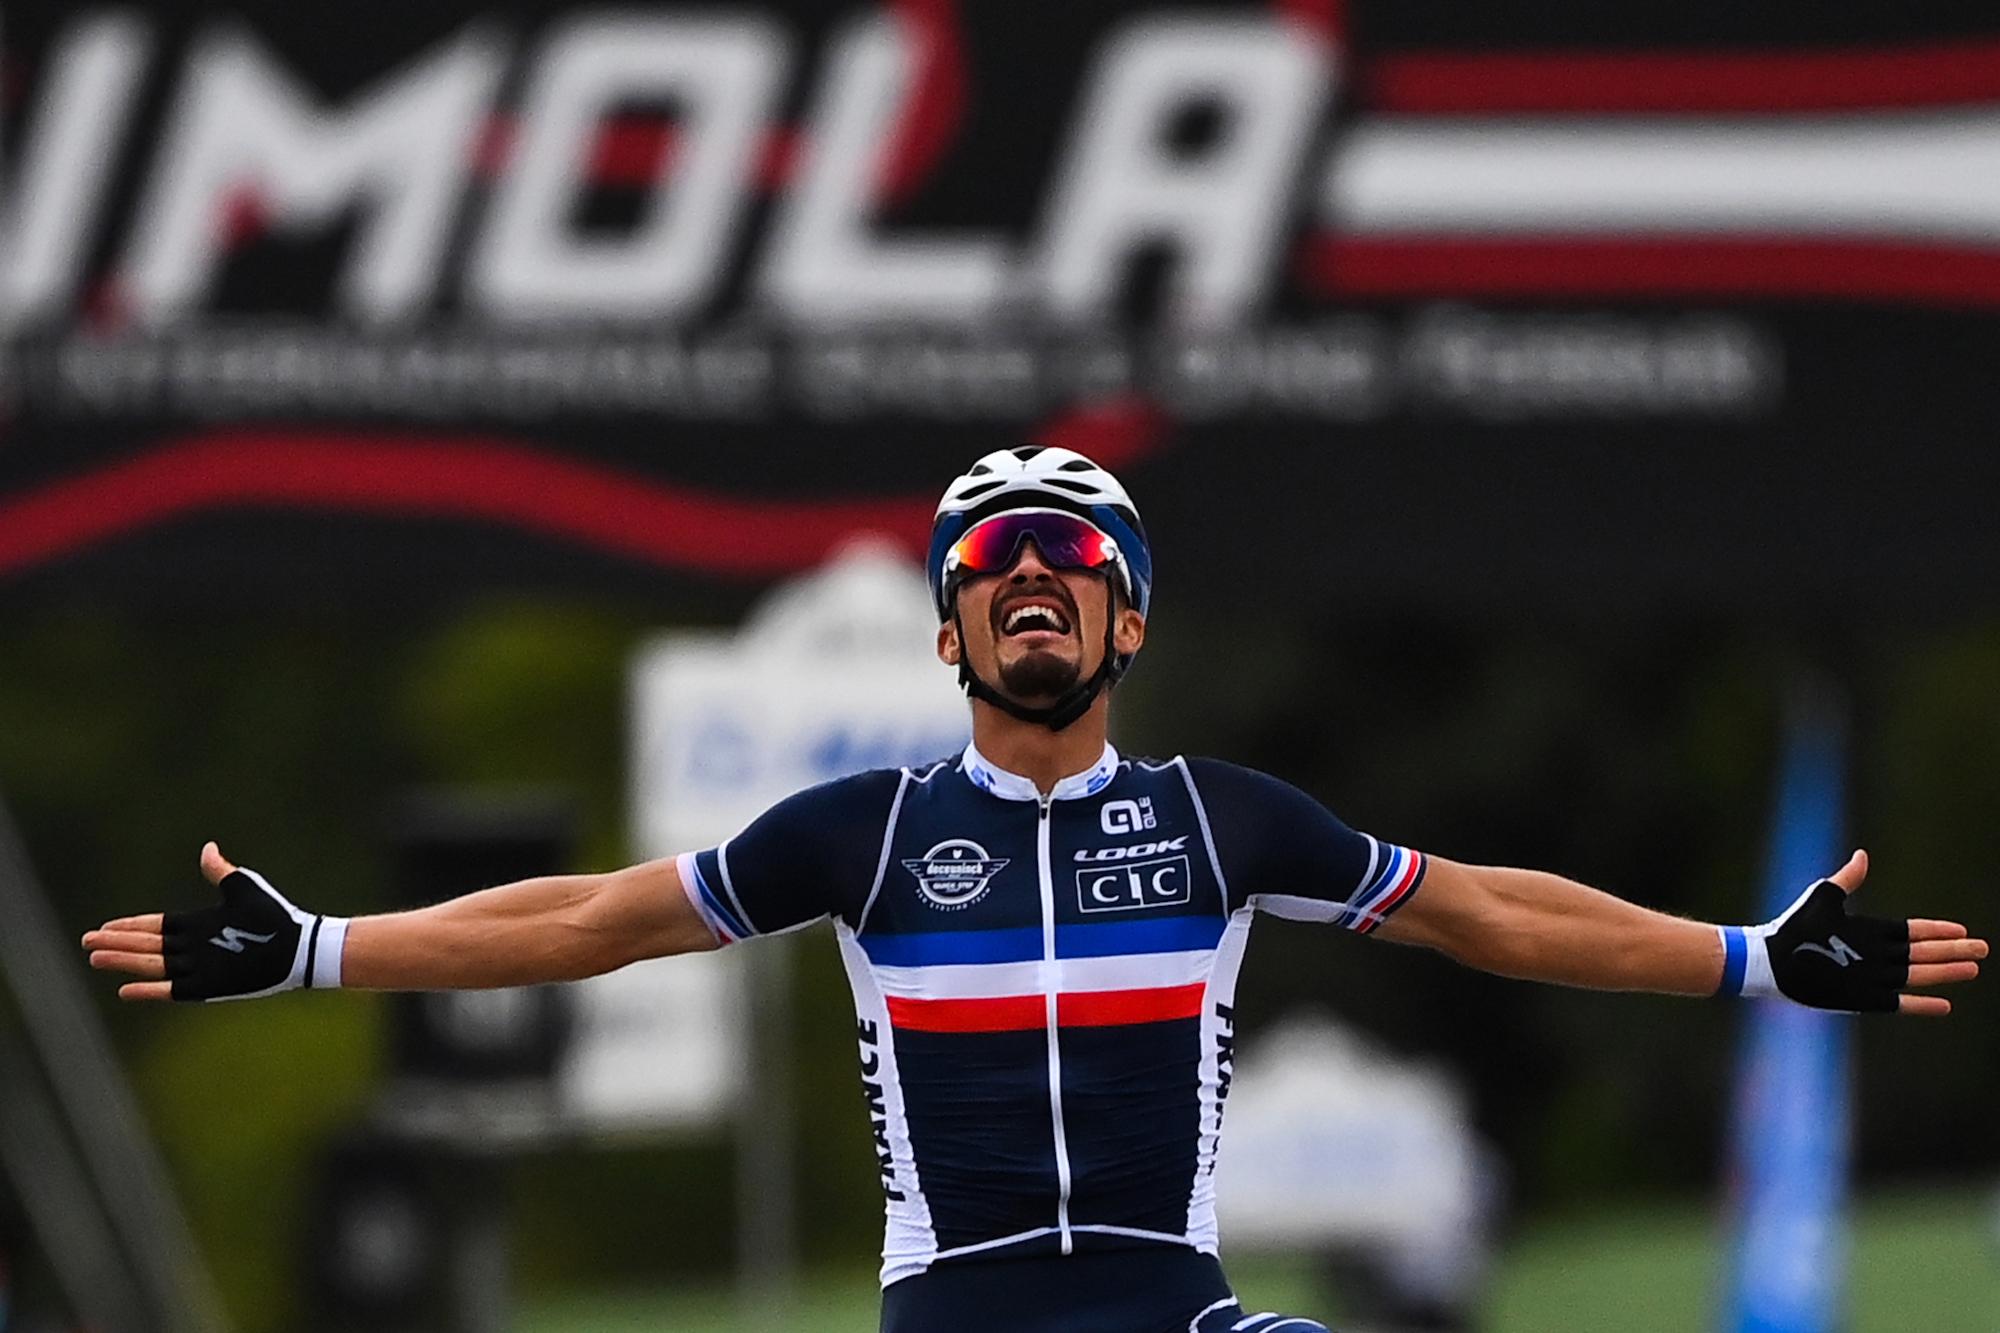 Julian Alaphilippe der neue Weltmeister nach dem sensationellen Straßenrennsieg bei Imola 2020